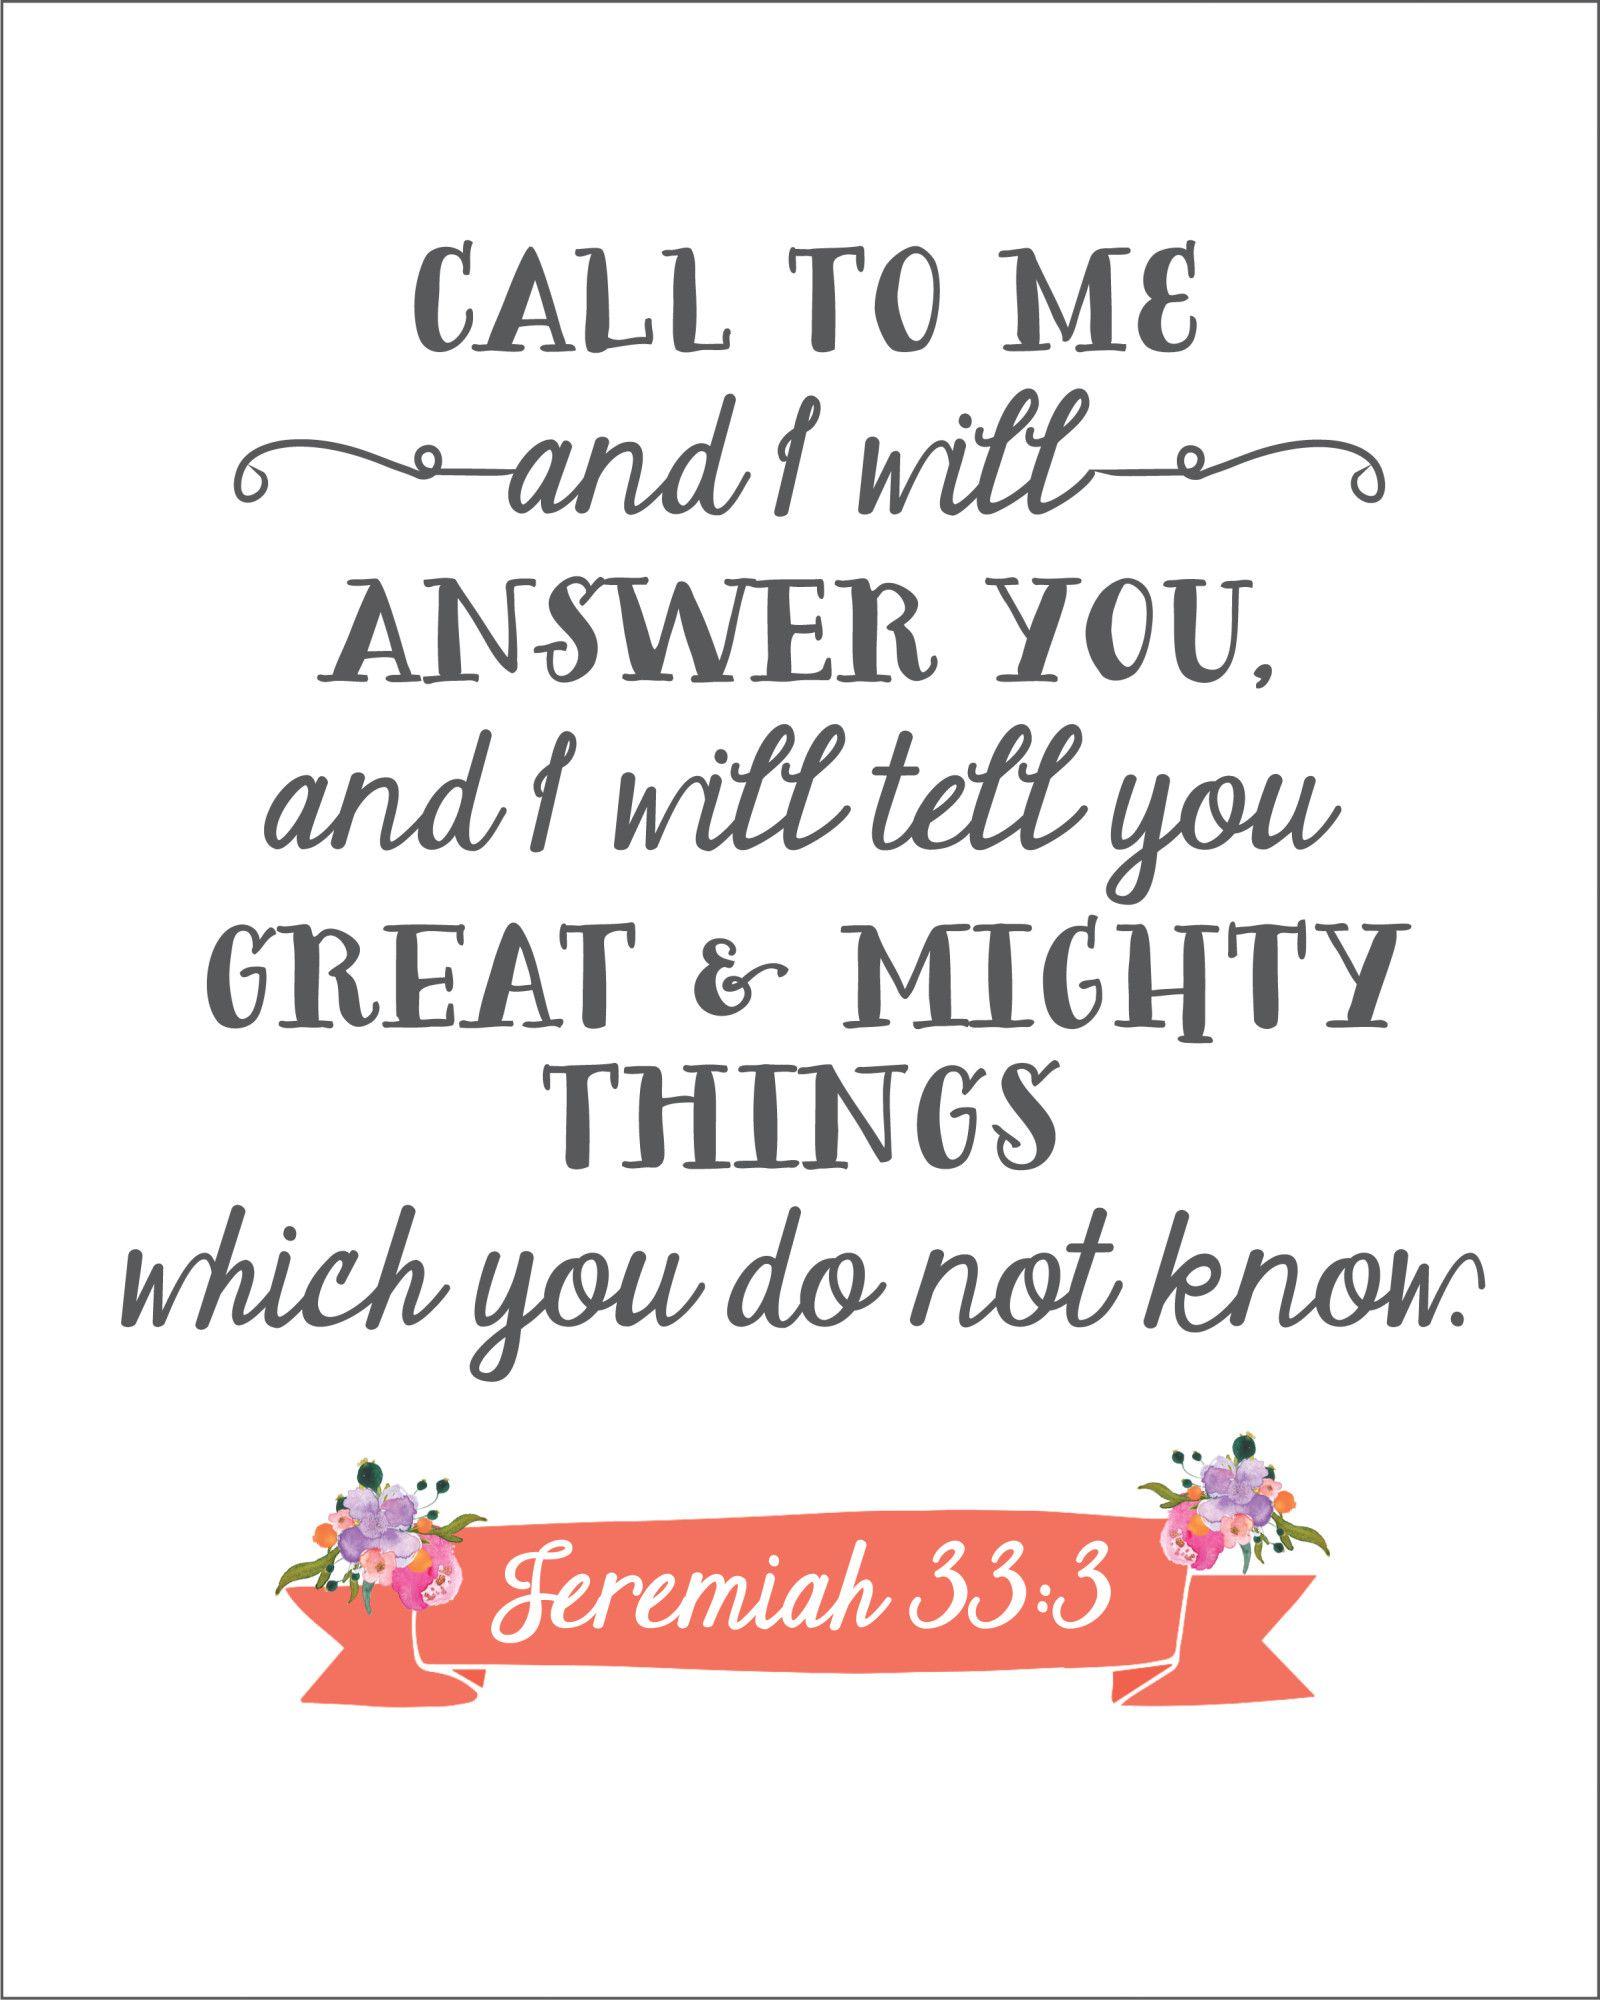 Free Online Bible Quotes: Free Bible Printable - Matthew 4:19